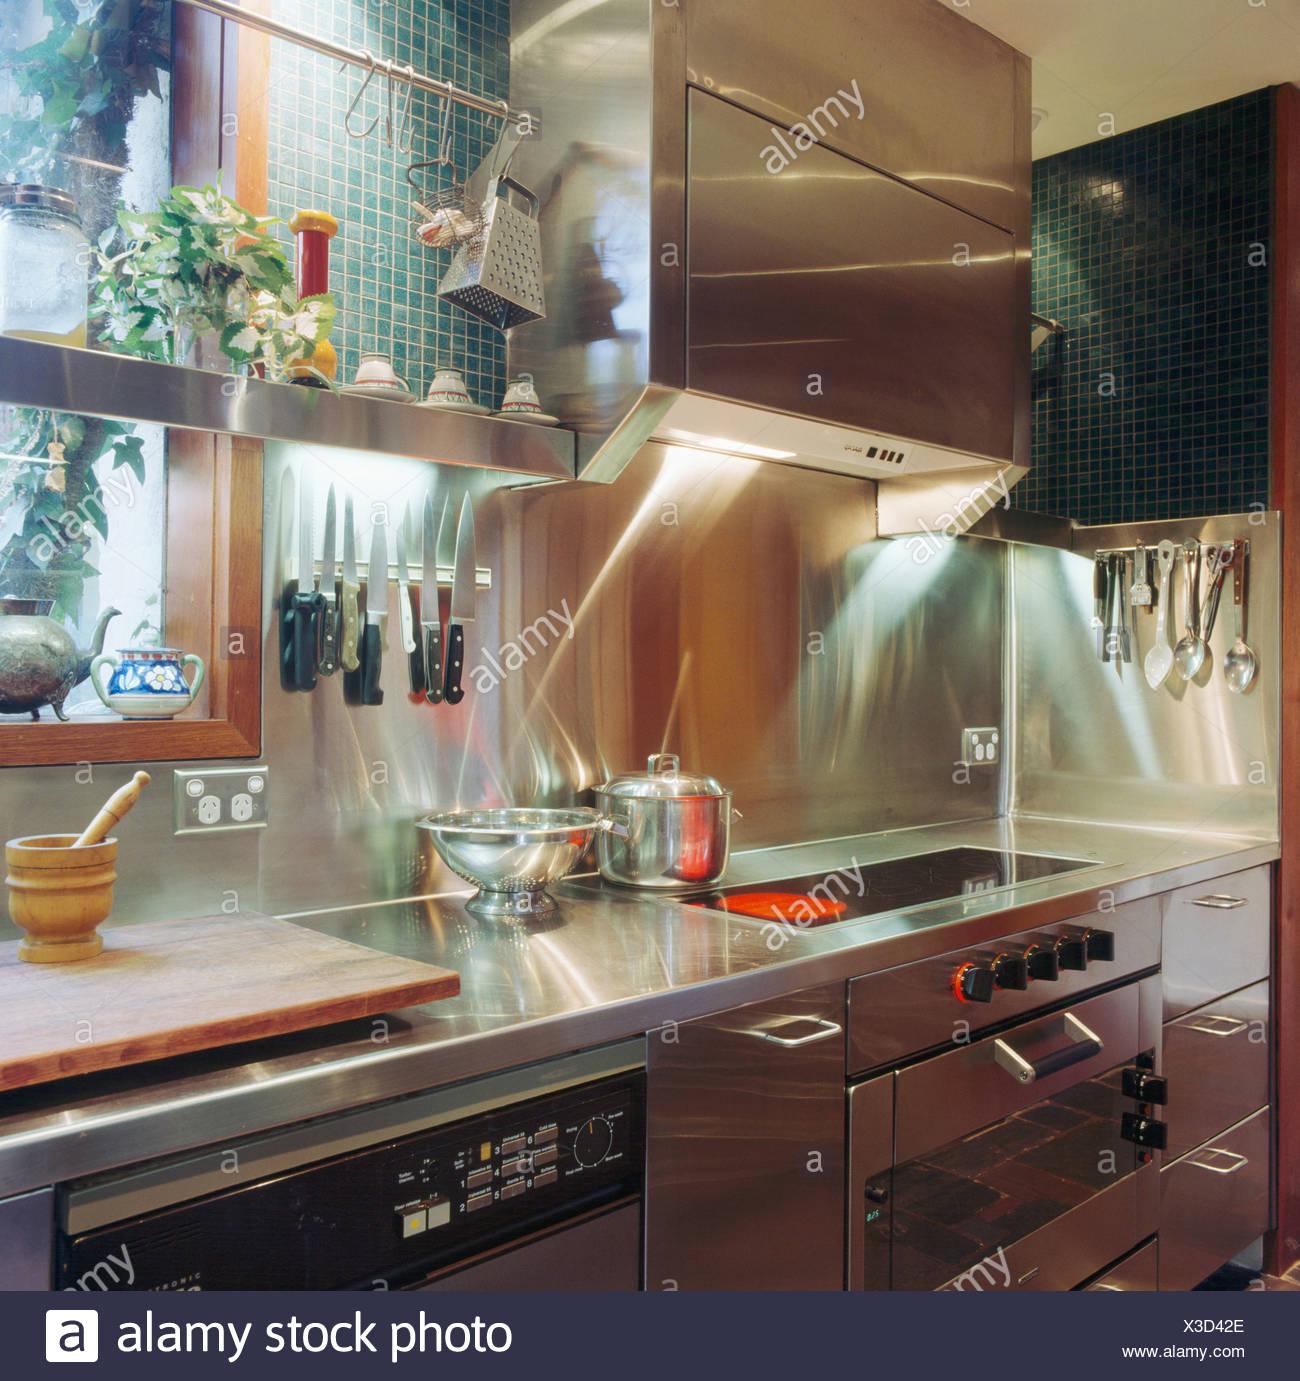 Kitchen Hob Details Stockfotos & Kitchen Hob Details Bilder - Alamy